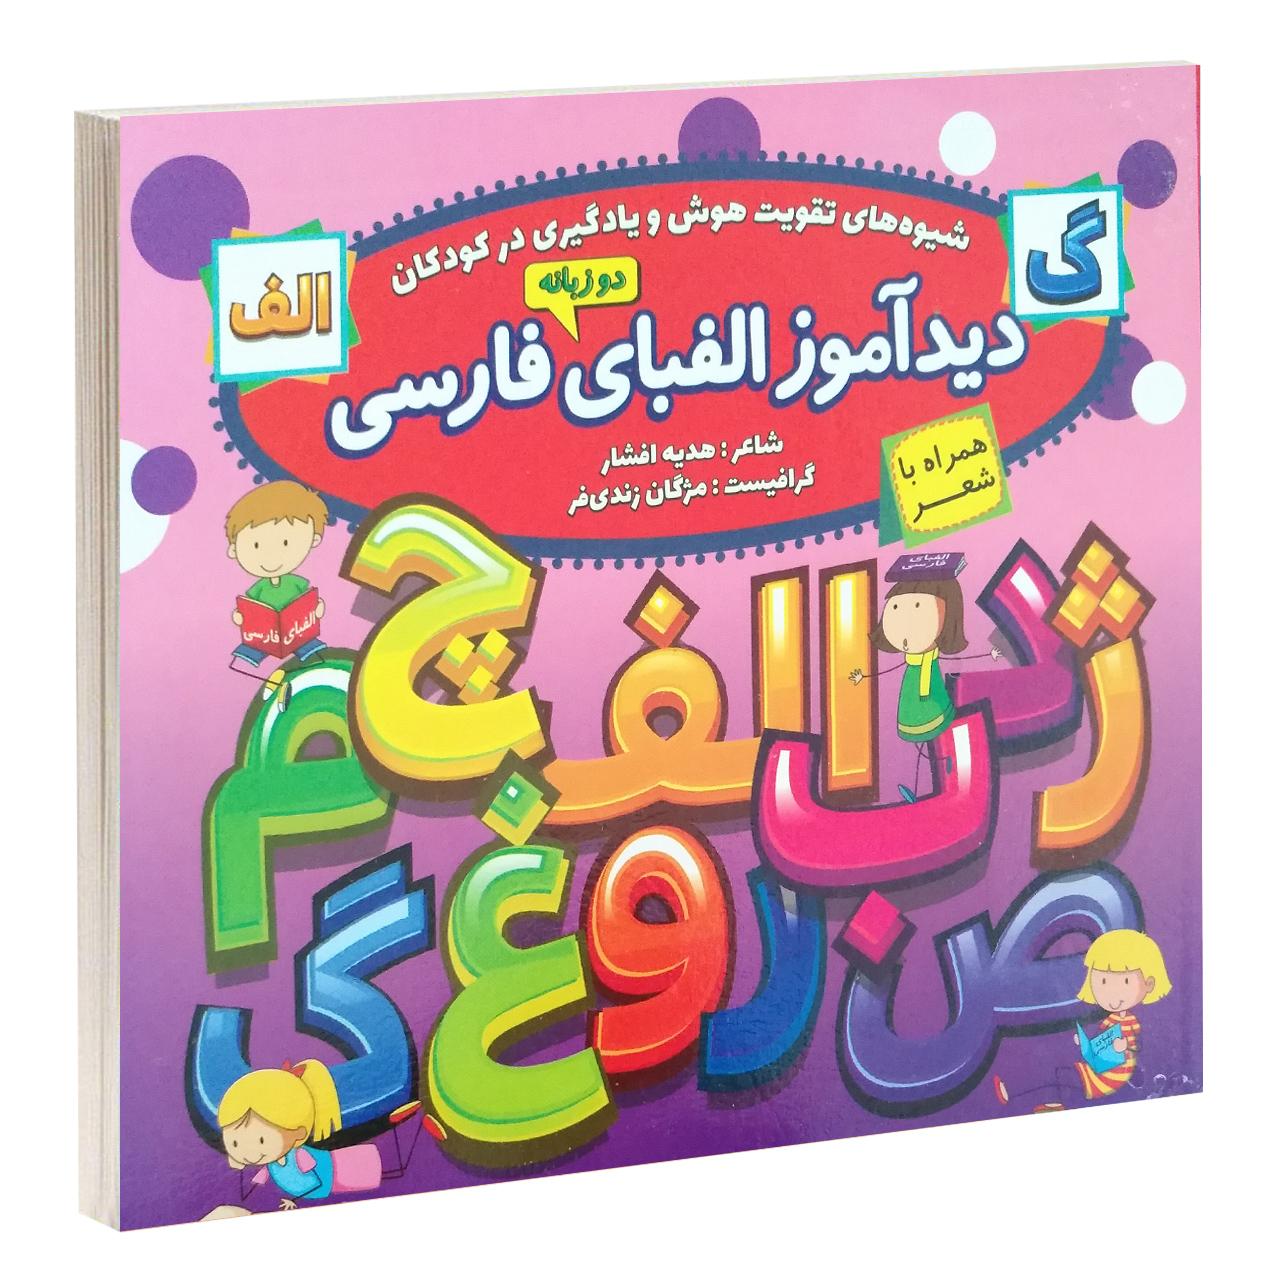 کتاب تخته ای دیدآموز الفبای فارسی اثر هدیه افشار